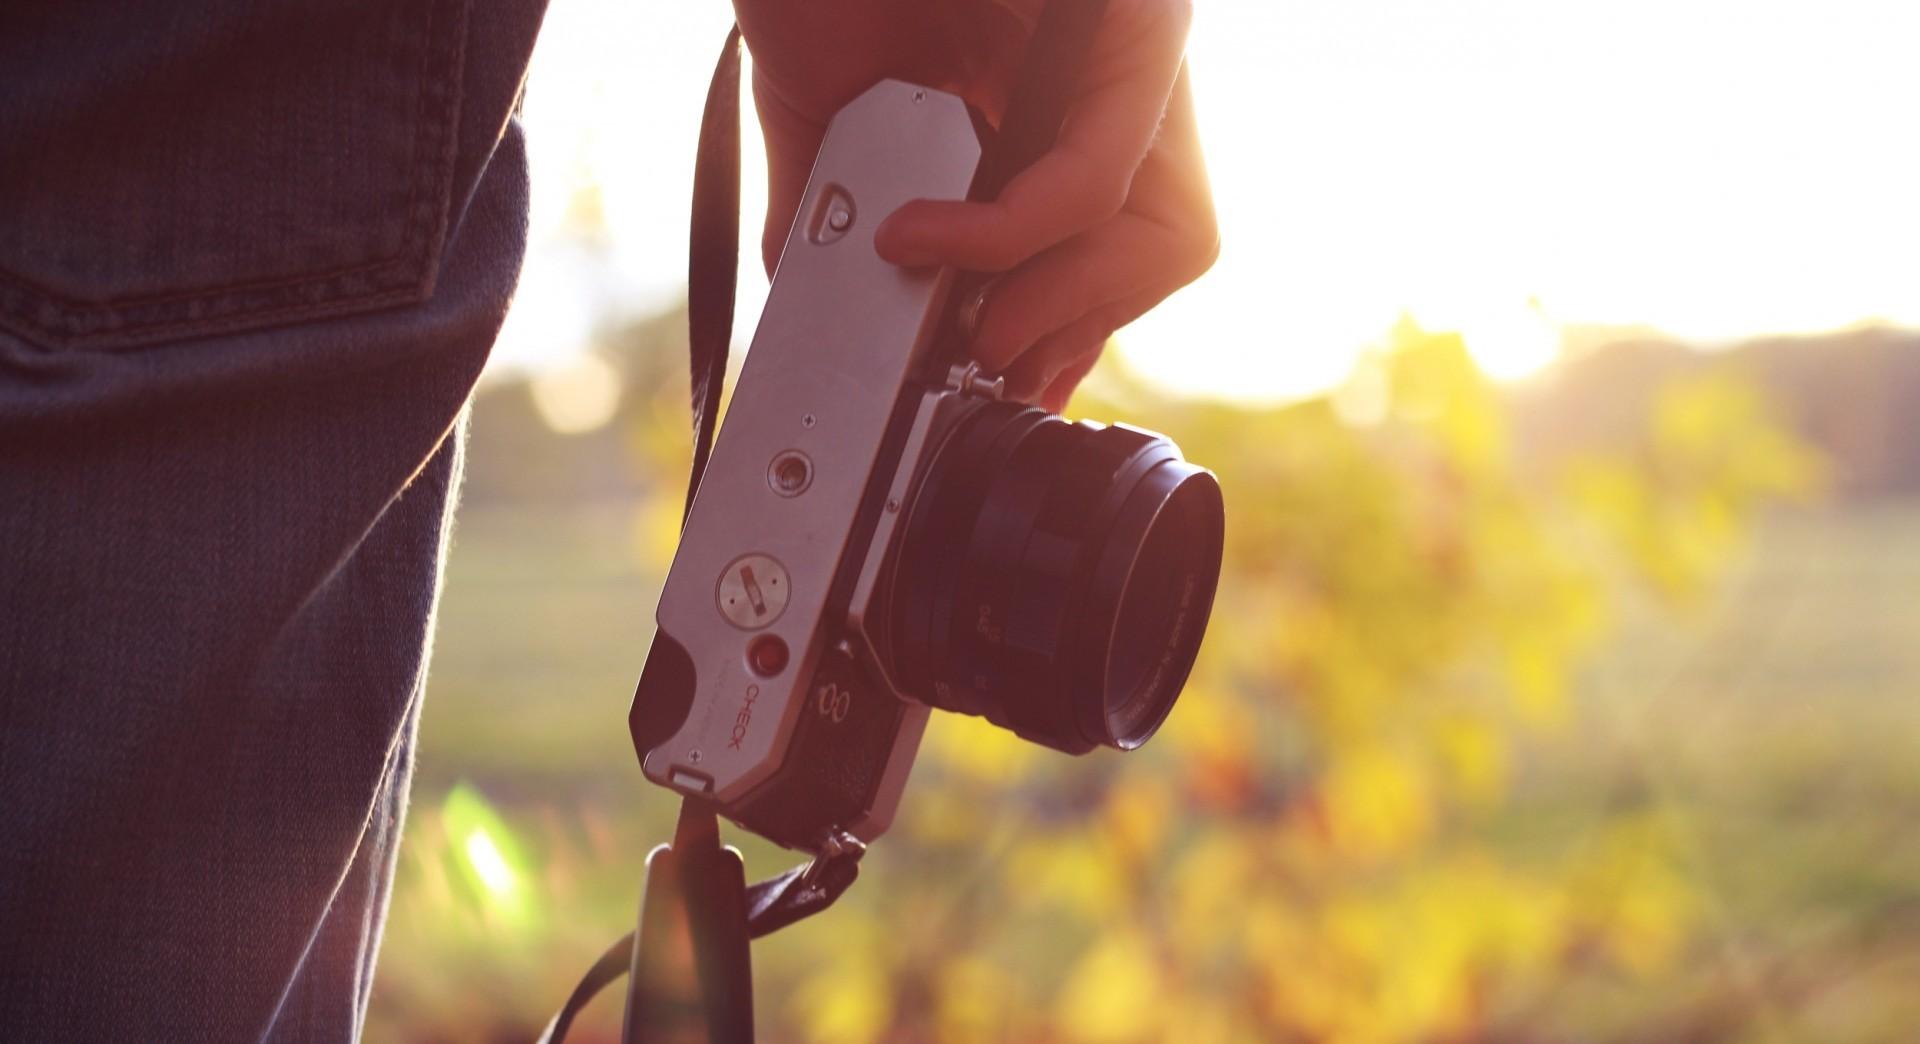 appareil_photo.jpg